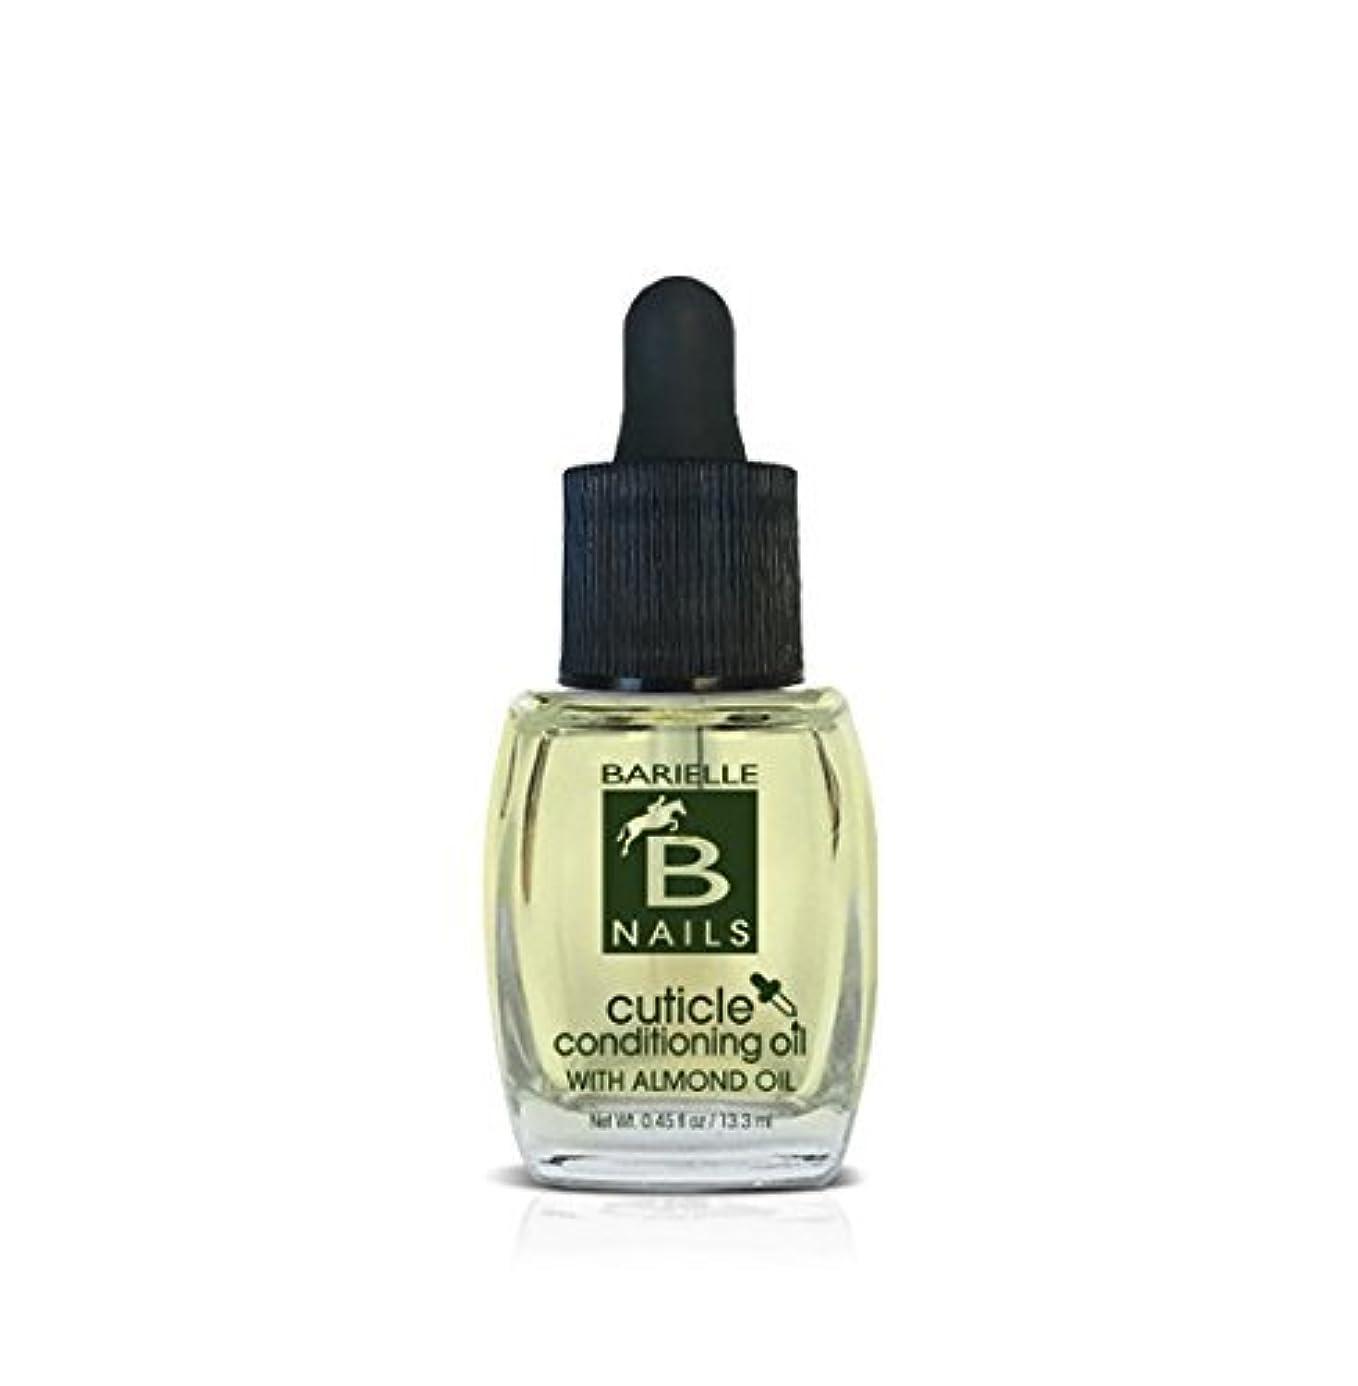 行く課すからBarielle Nails - Cuticle Conditioning Oil with Almond Oil w/ Dropper - 13.3 mL / 0.45 oz